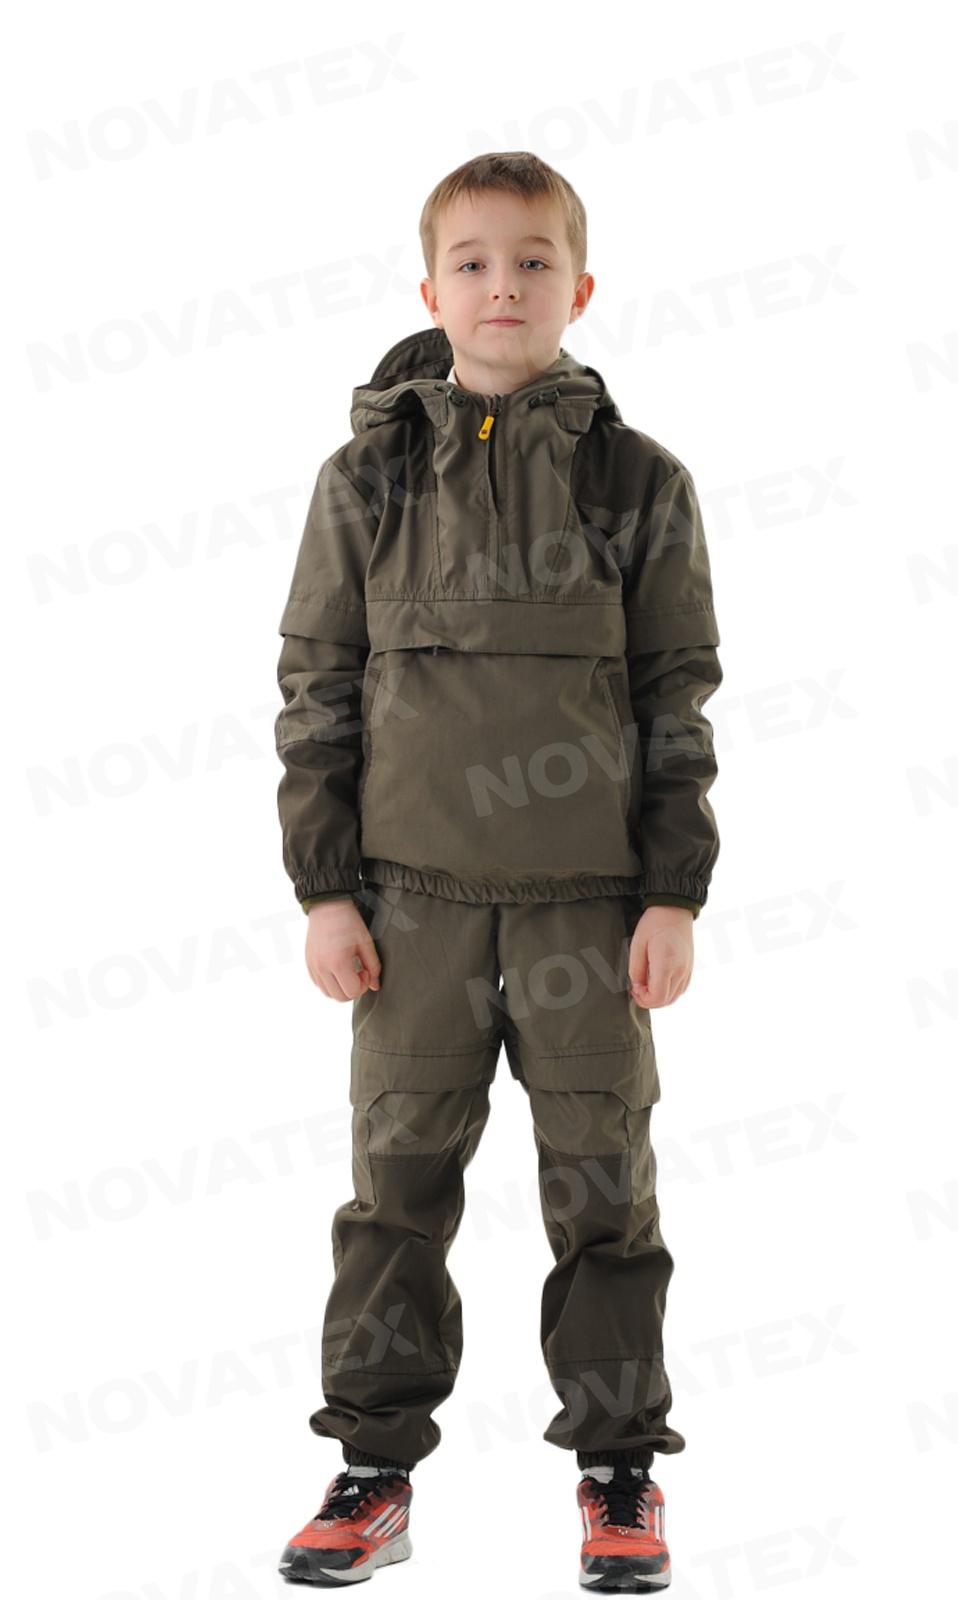 Костюм «Элит Барьер» (сорочка, кофе) детский Костюмы противоэнцефалитные<br>Костюм «Элит-Барьер» (ТМ «Payer») от Novatex разработан <br>на основе классического противоэнцефалитного <br>костюма. Этот костюм состоит из куртки типа <br>«анорак» с капюшоном и брюк прямого кроя. <br>Костюм оснащен специальными ловушками <br>для клещей и полностью пропитан специальным <br>акарицидным средством. В отличие от других <br>костюмов, обладает множеством защитных <br>кулис и ловушек с вставками под пропитку <br>акарицидными средствами. Сетка накомарника <br>съемная и легко убирается в потайной карман. <br>Тонкая и в то же время прочная ткань сорочка <br>создает надежную защиту, позволяет телу <br>«дышать» и повышает шансы своевременного <br>обнаружения насекомых. Рукава оснащены <br>плотными трикотажными манжетами. Область <br>коленей усилена дополнительным слоем ткани. <br>Этот костюм отлично подойдет для всех, кто <br>много бывает в лесу.<br><br>Пол: унисекс<br>Рост: 128-134<br>Сезон: лето<br>Цвет: оливковый